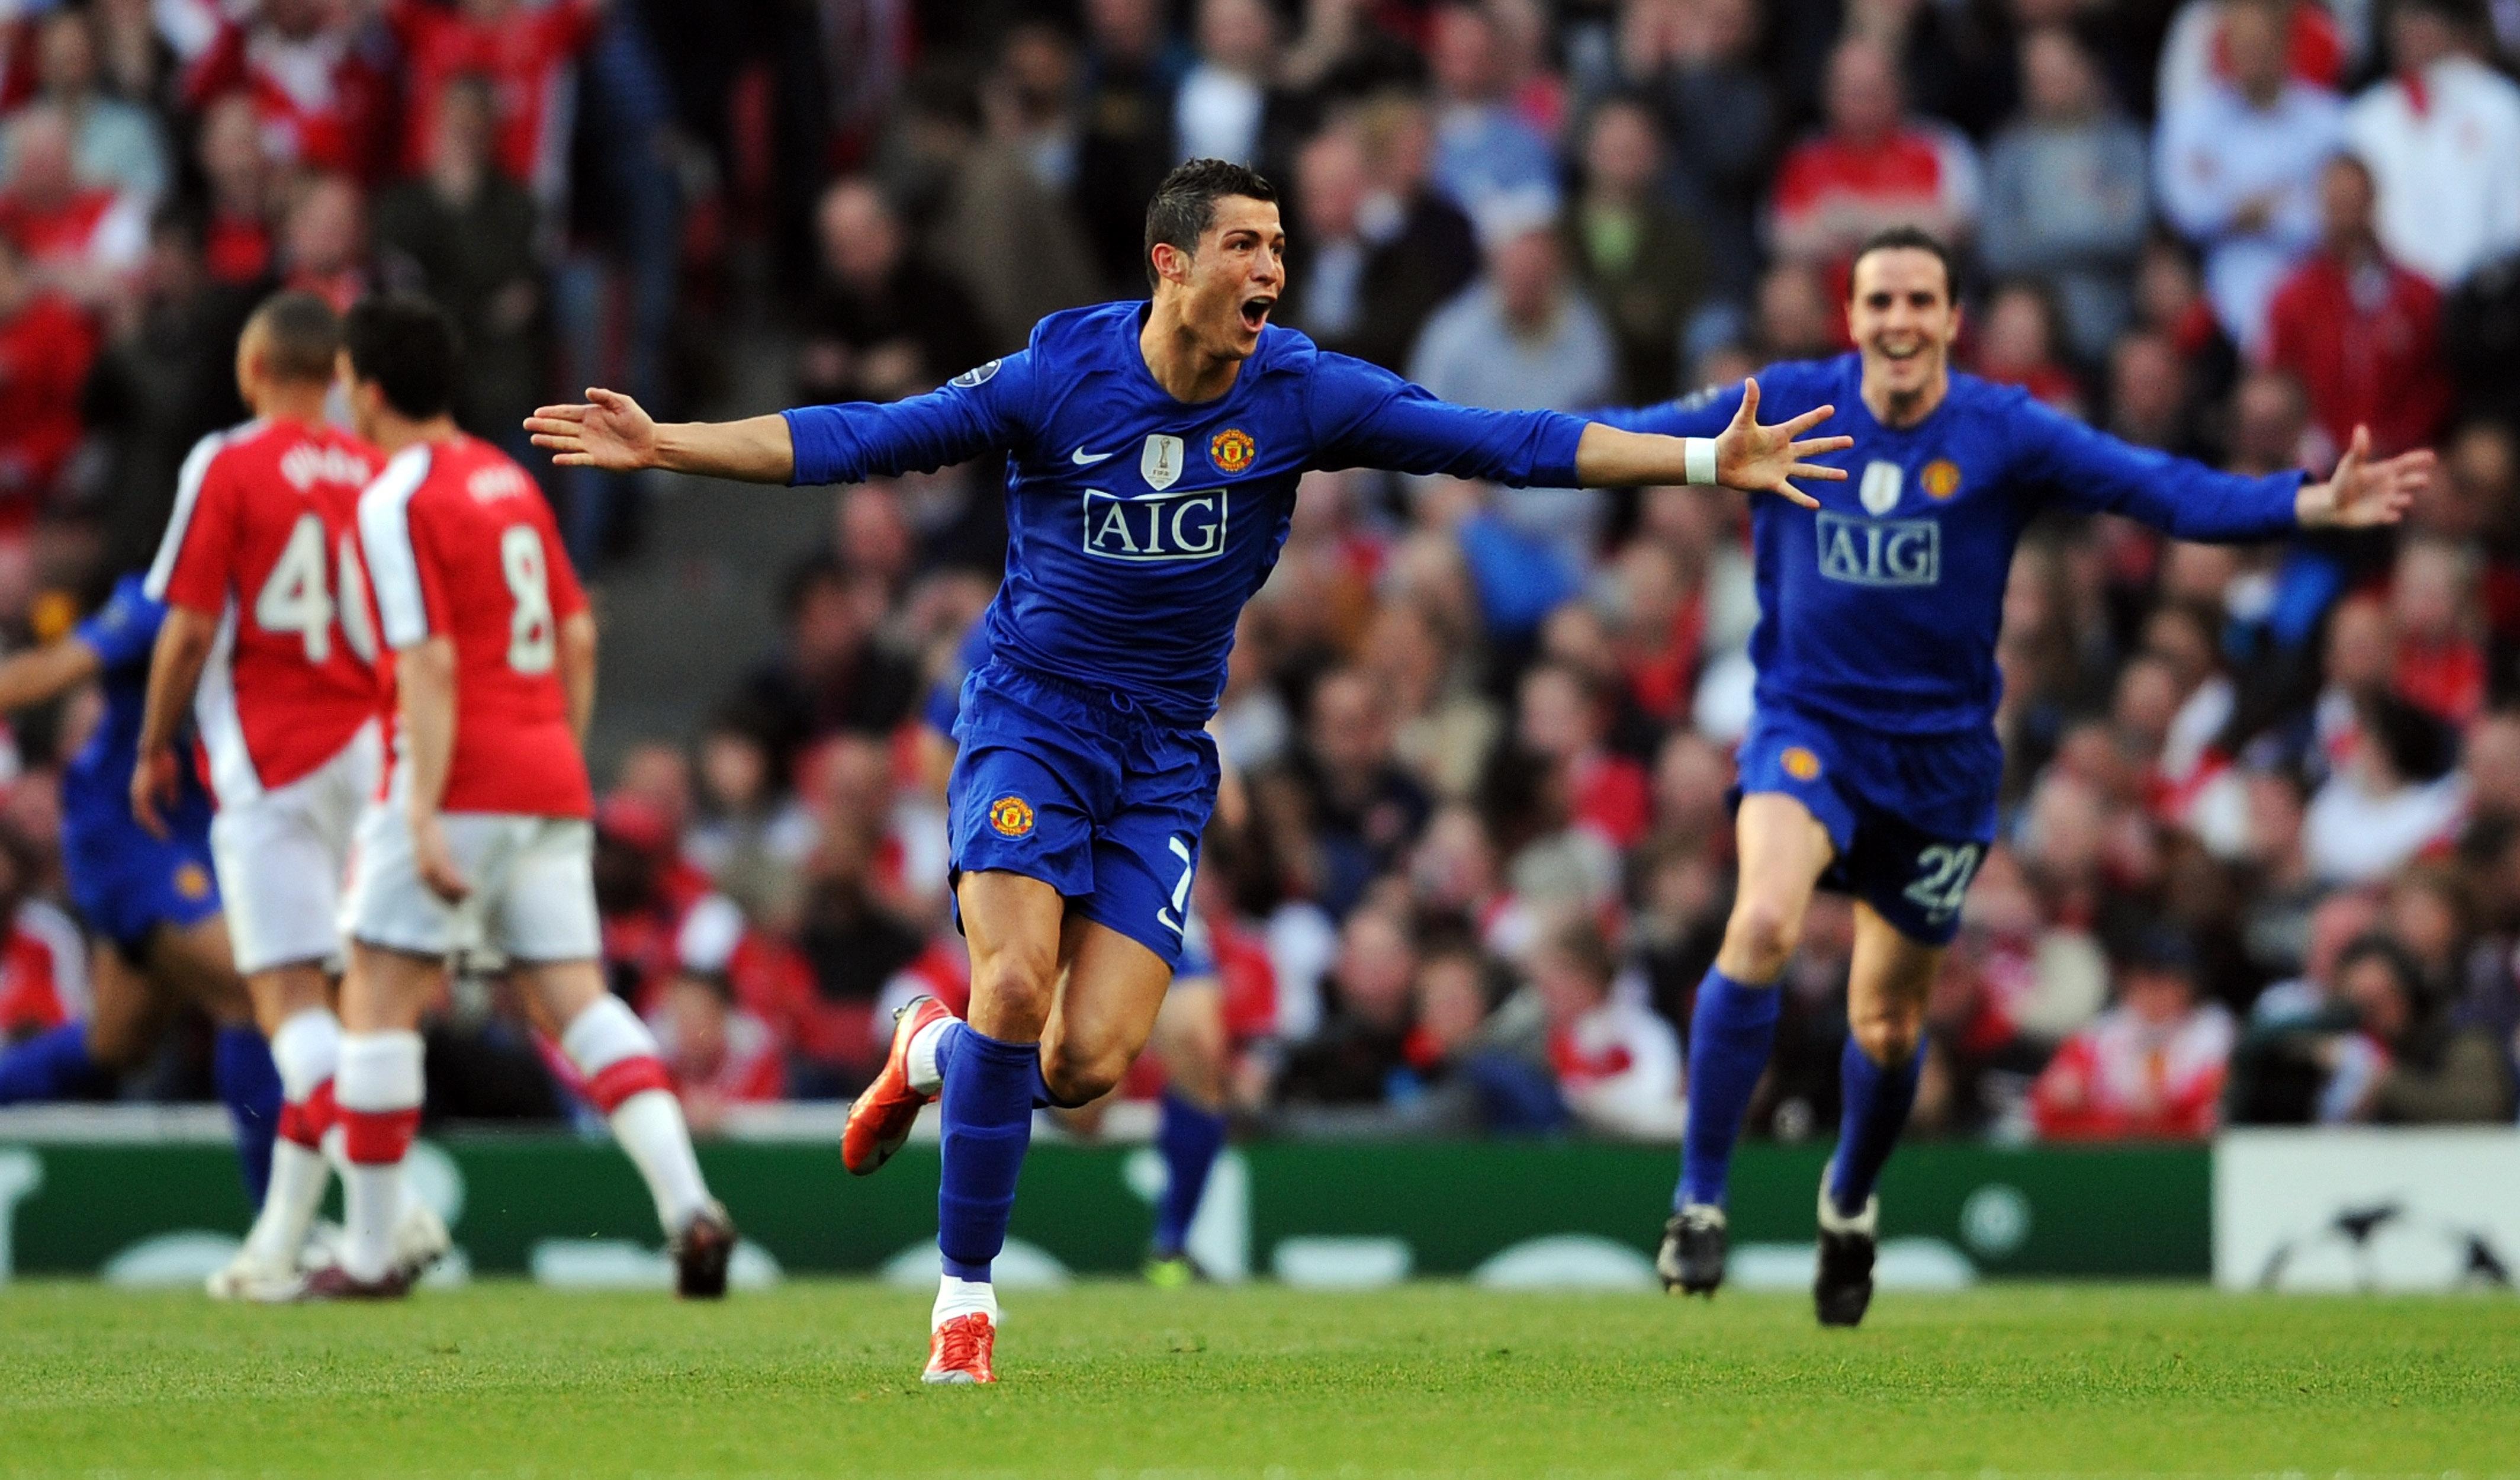 Uefa Champions League Quarterfinals Chelsea Vs Manchester